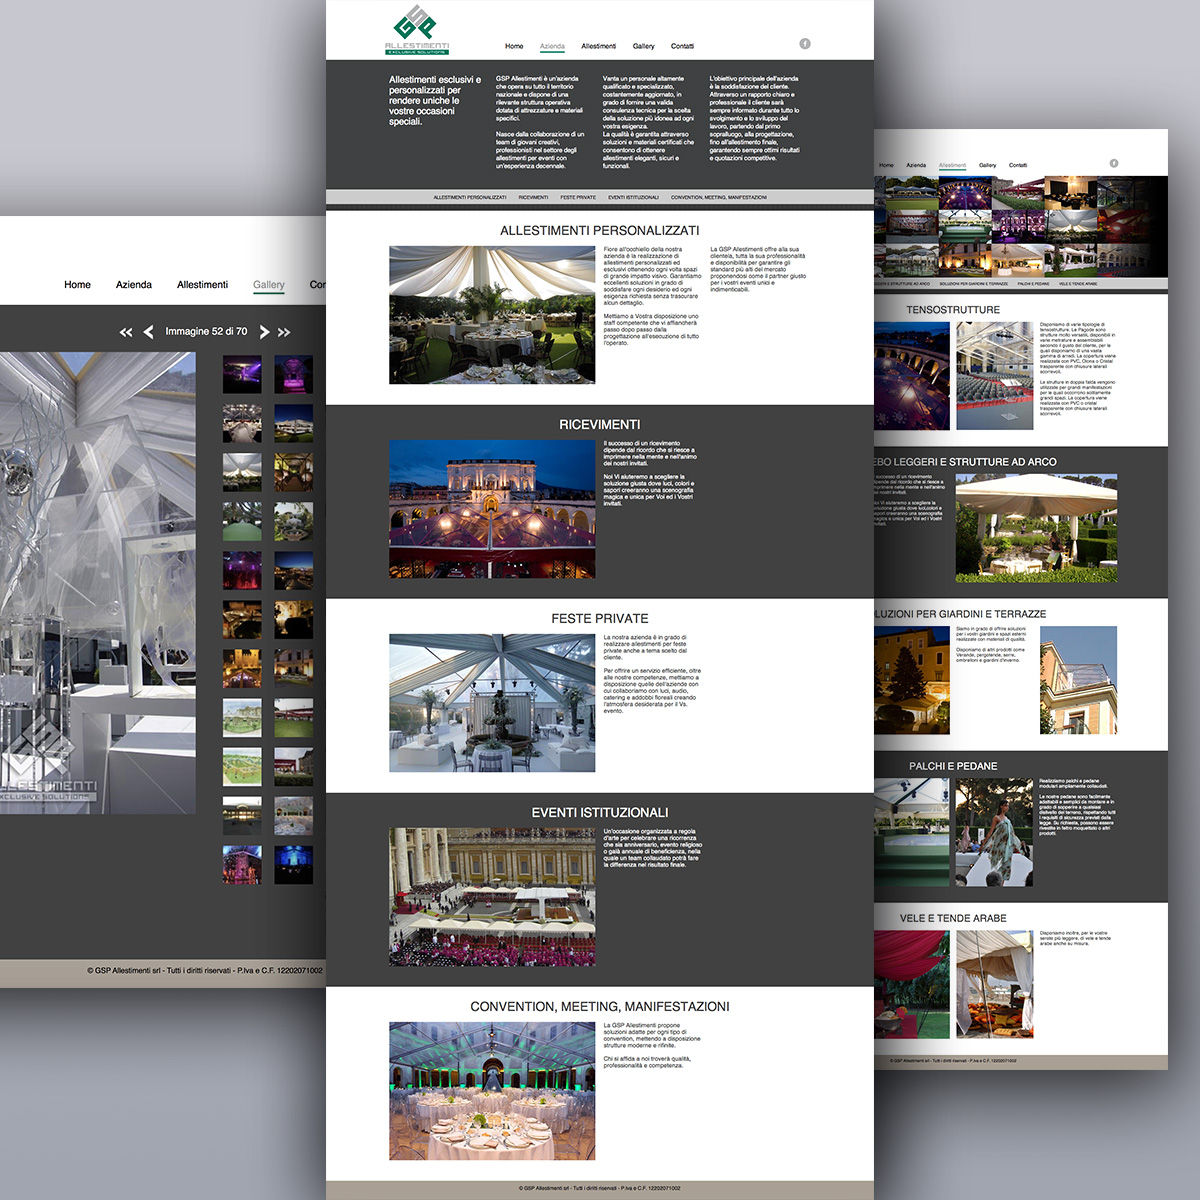 Pagine interne del sito web GSP Allestimenti